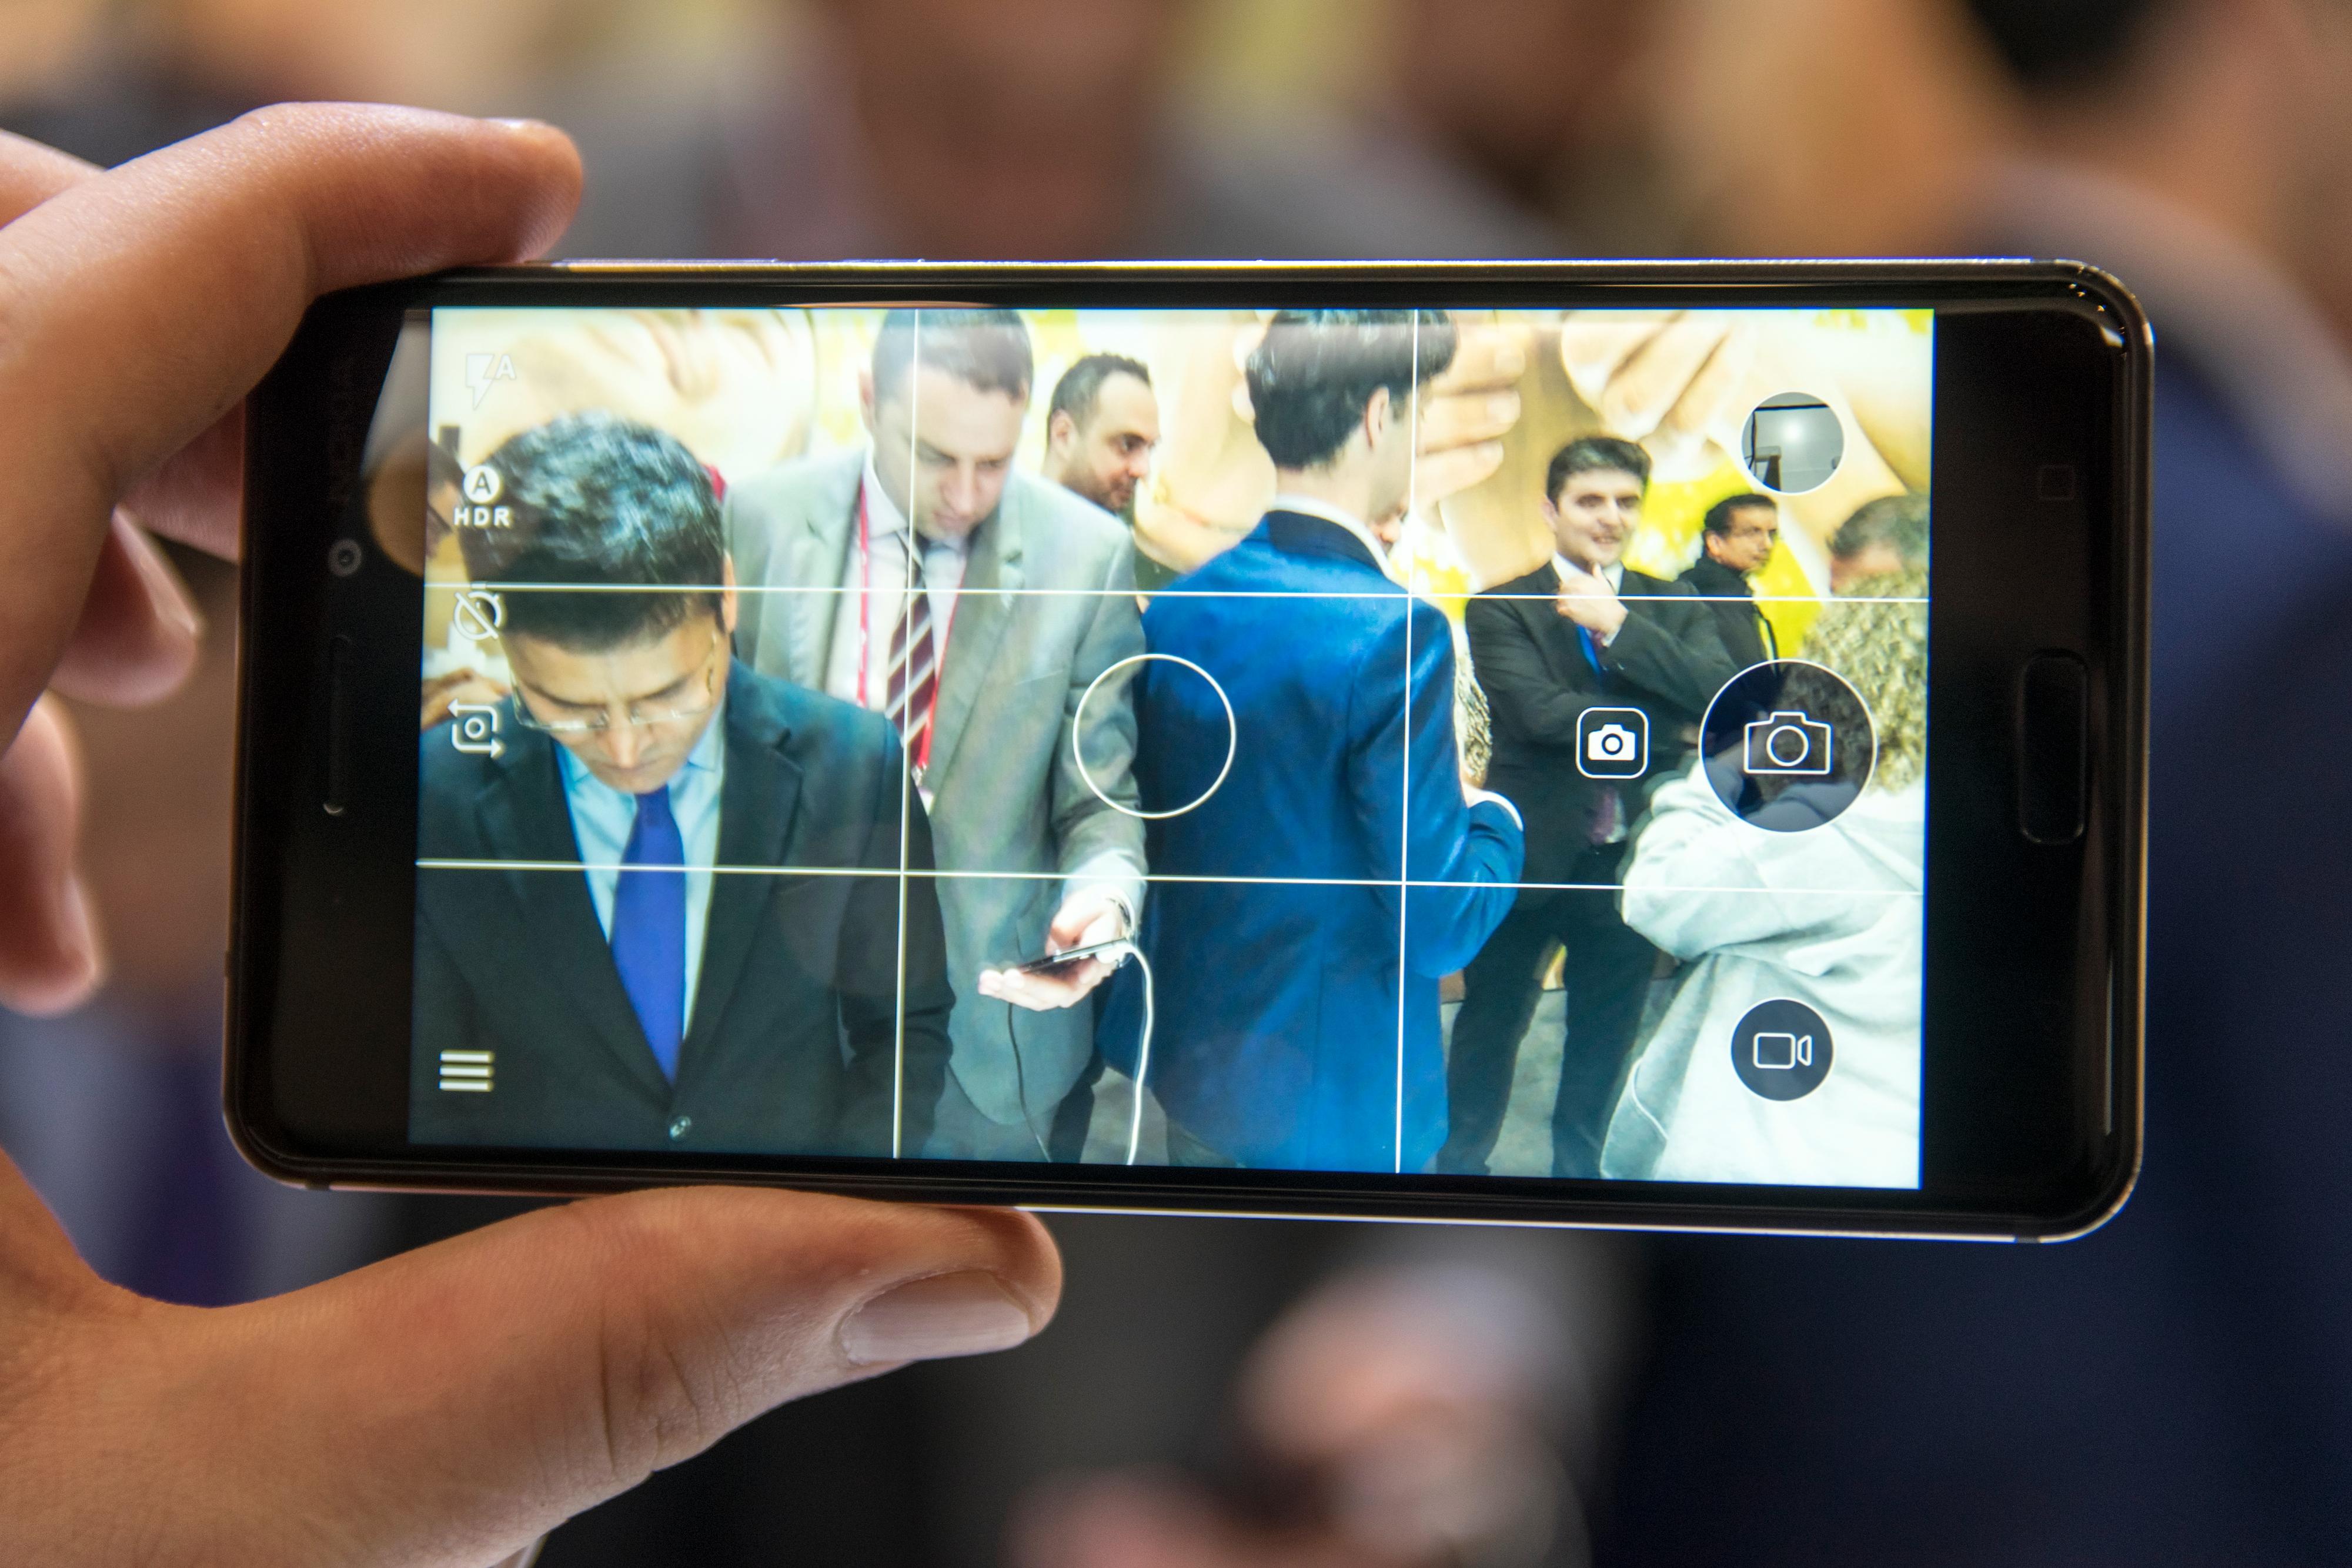 Kameraet virket litt middels, men så er heller ikke dette en dyr telefon. Akkurat hvor godt det faktisk er får vi se når telefonen skal testes.